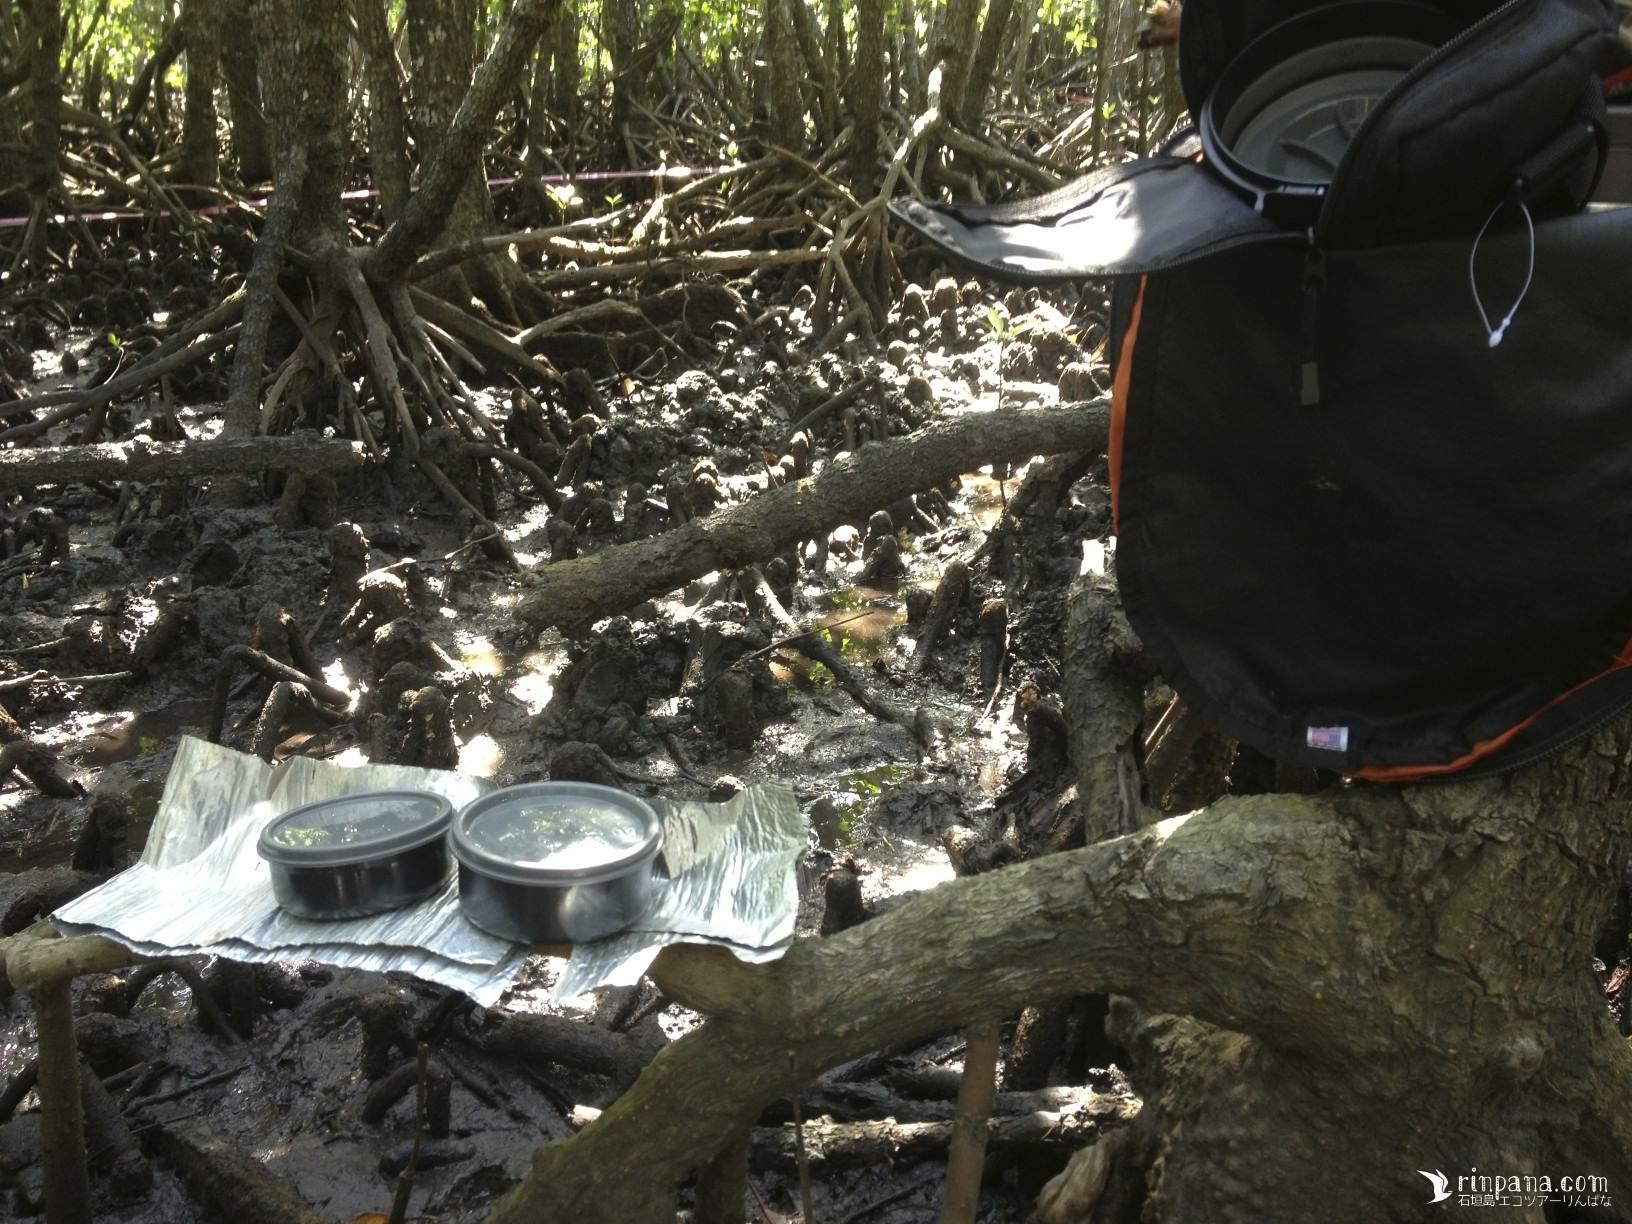 マングローブ林でお弁当